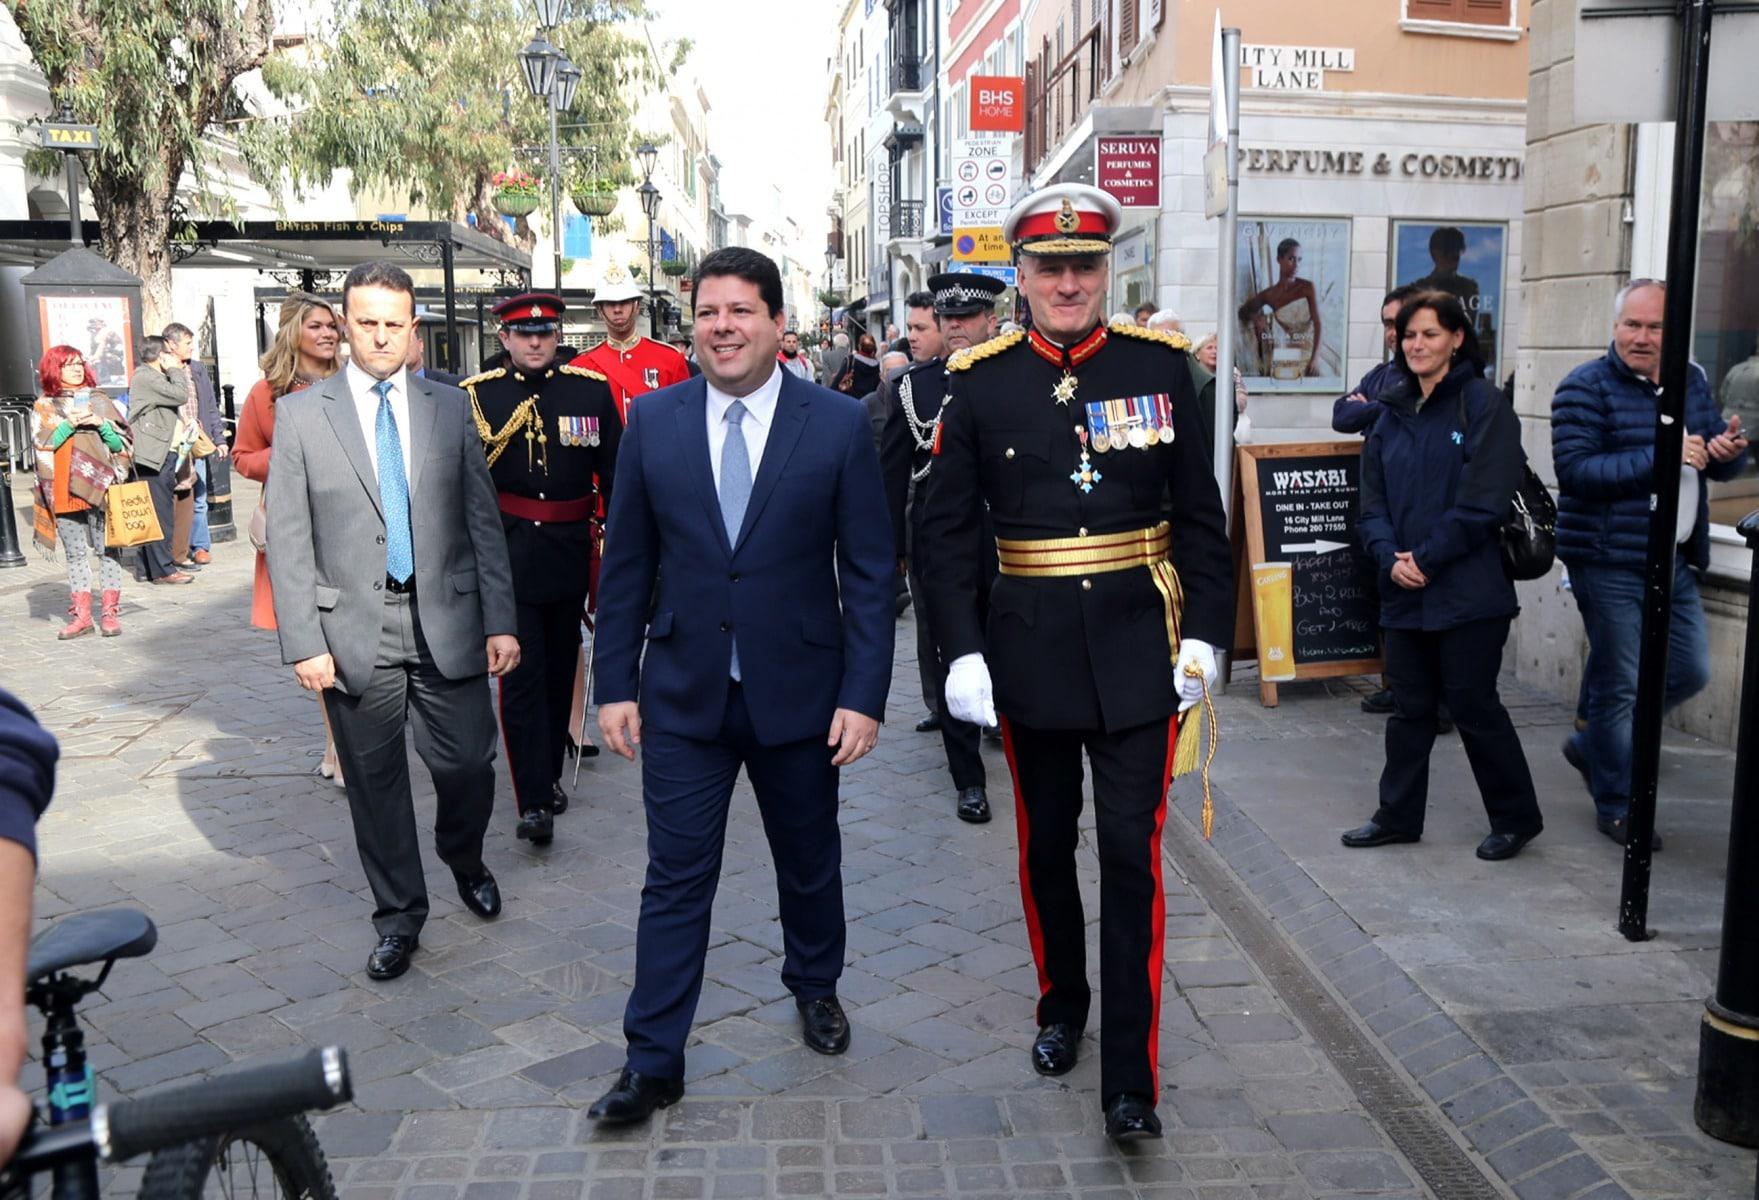 gobernador-de-gibraltar-edward-davis_23870184843_o